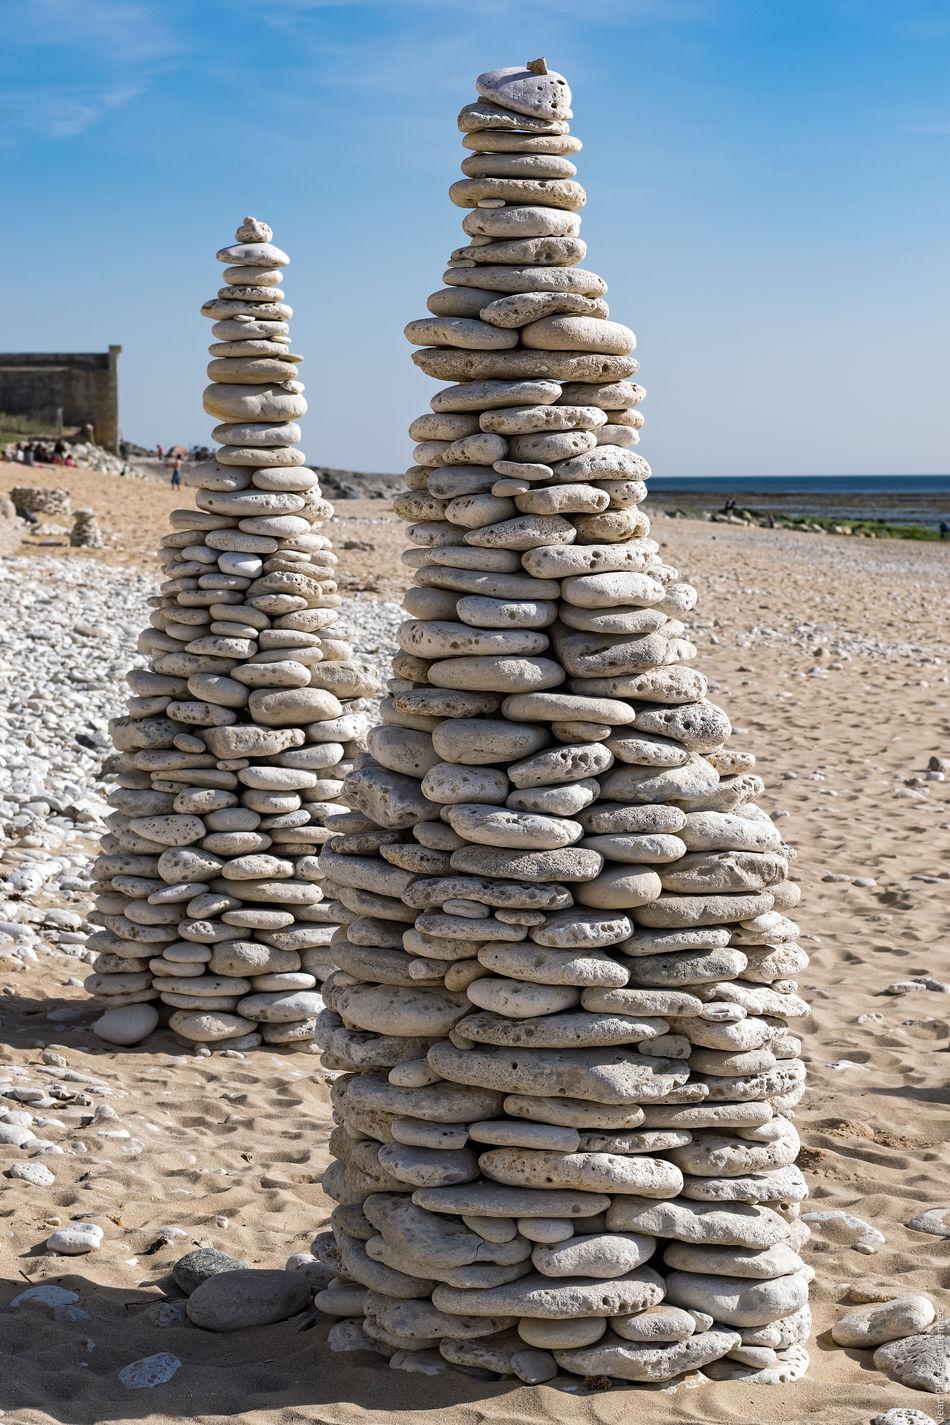 Cairns sur la plage Abundance Beach Cairn Cairns Day Ile De Ré Large Group Of Objects Outdoors Pebble Pebbles On A Beach Pile Pile Of Pebbles Sand Sea Stack Tower Tranquility